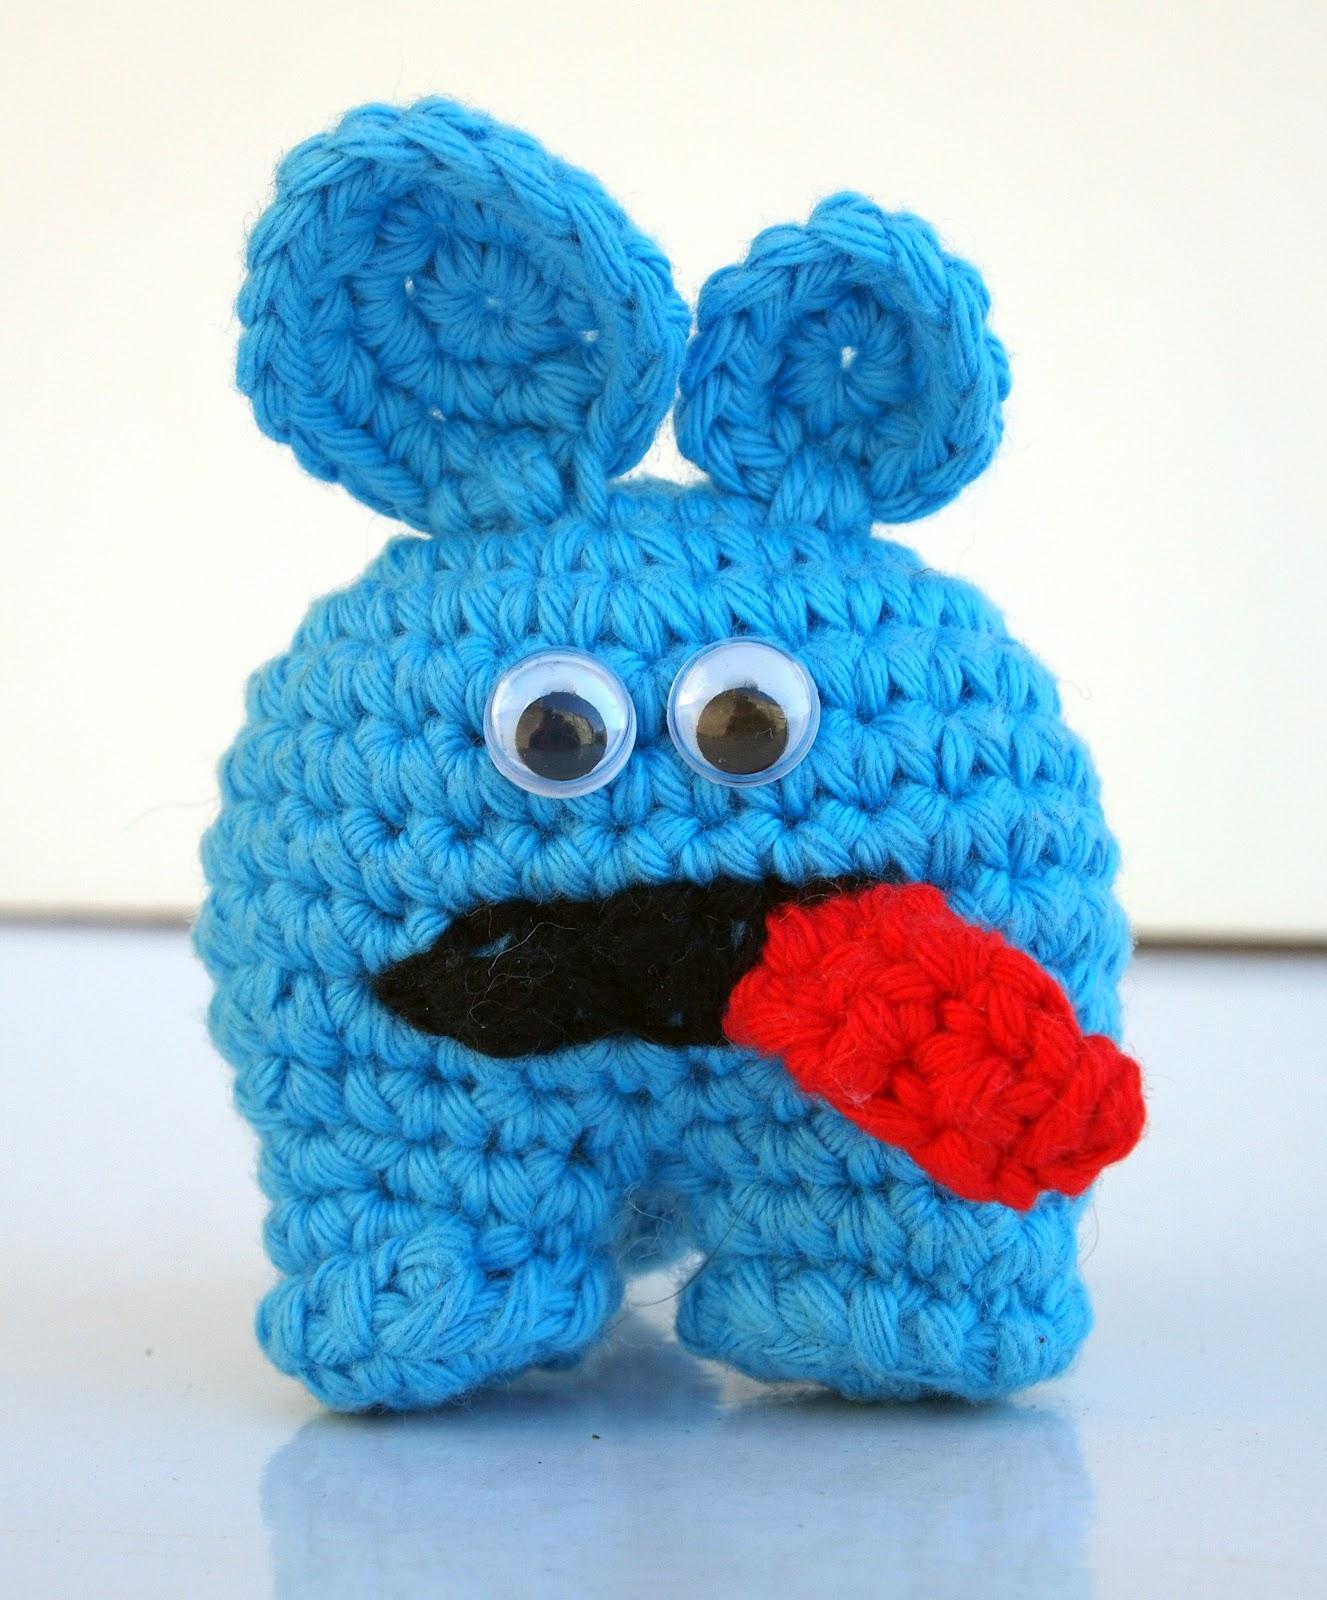 Tigerfrogg: Weird blue thing called Derick